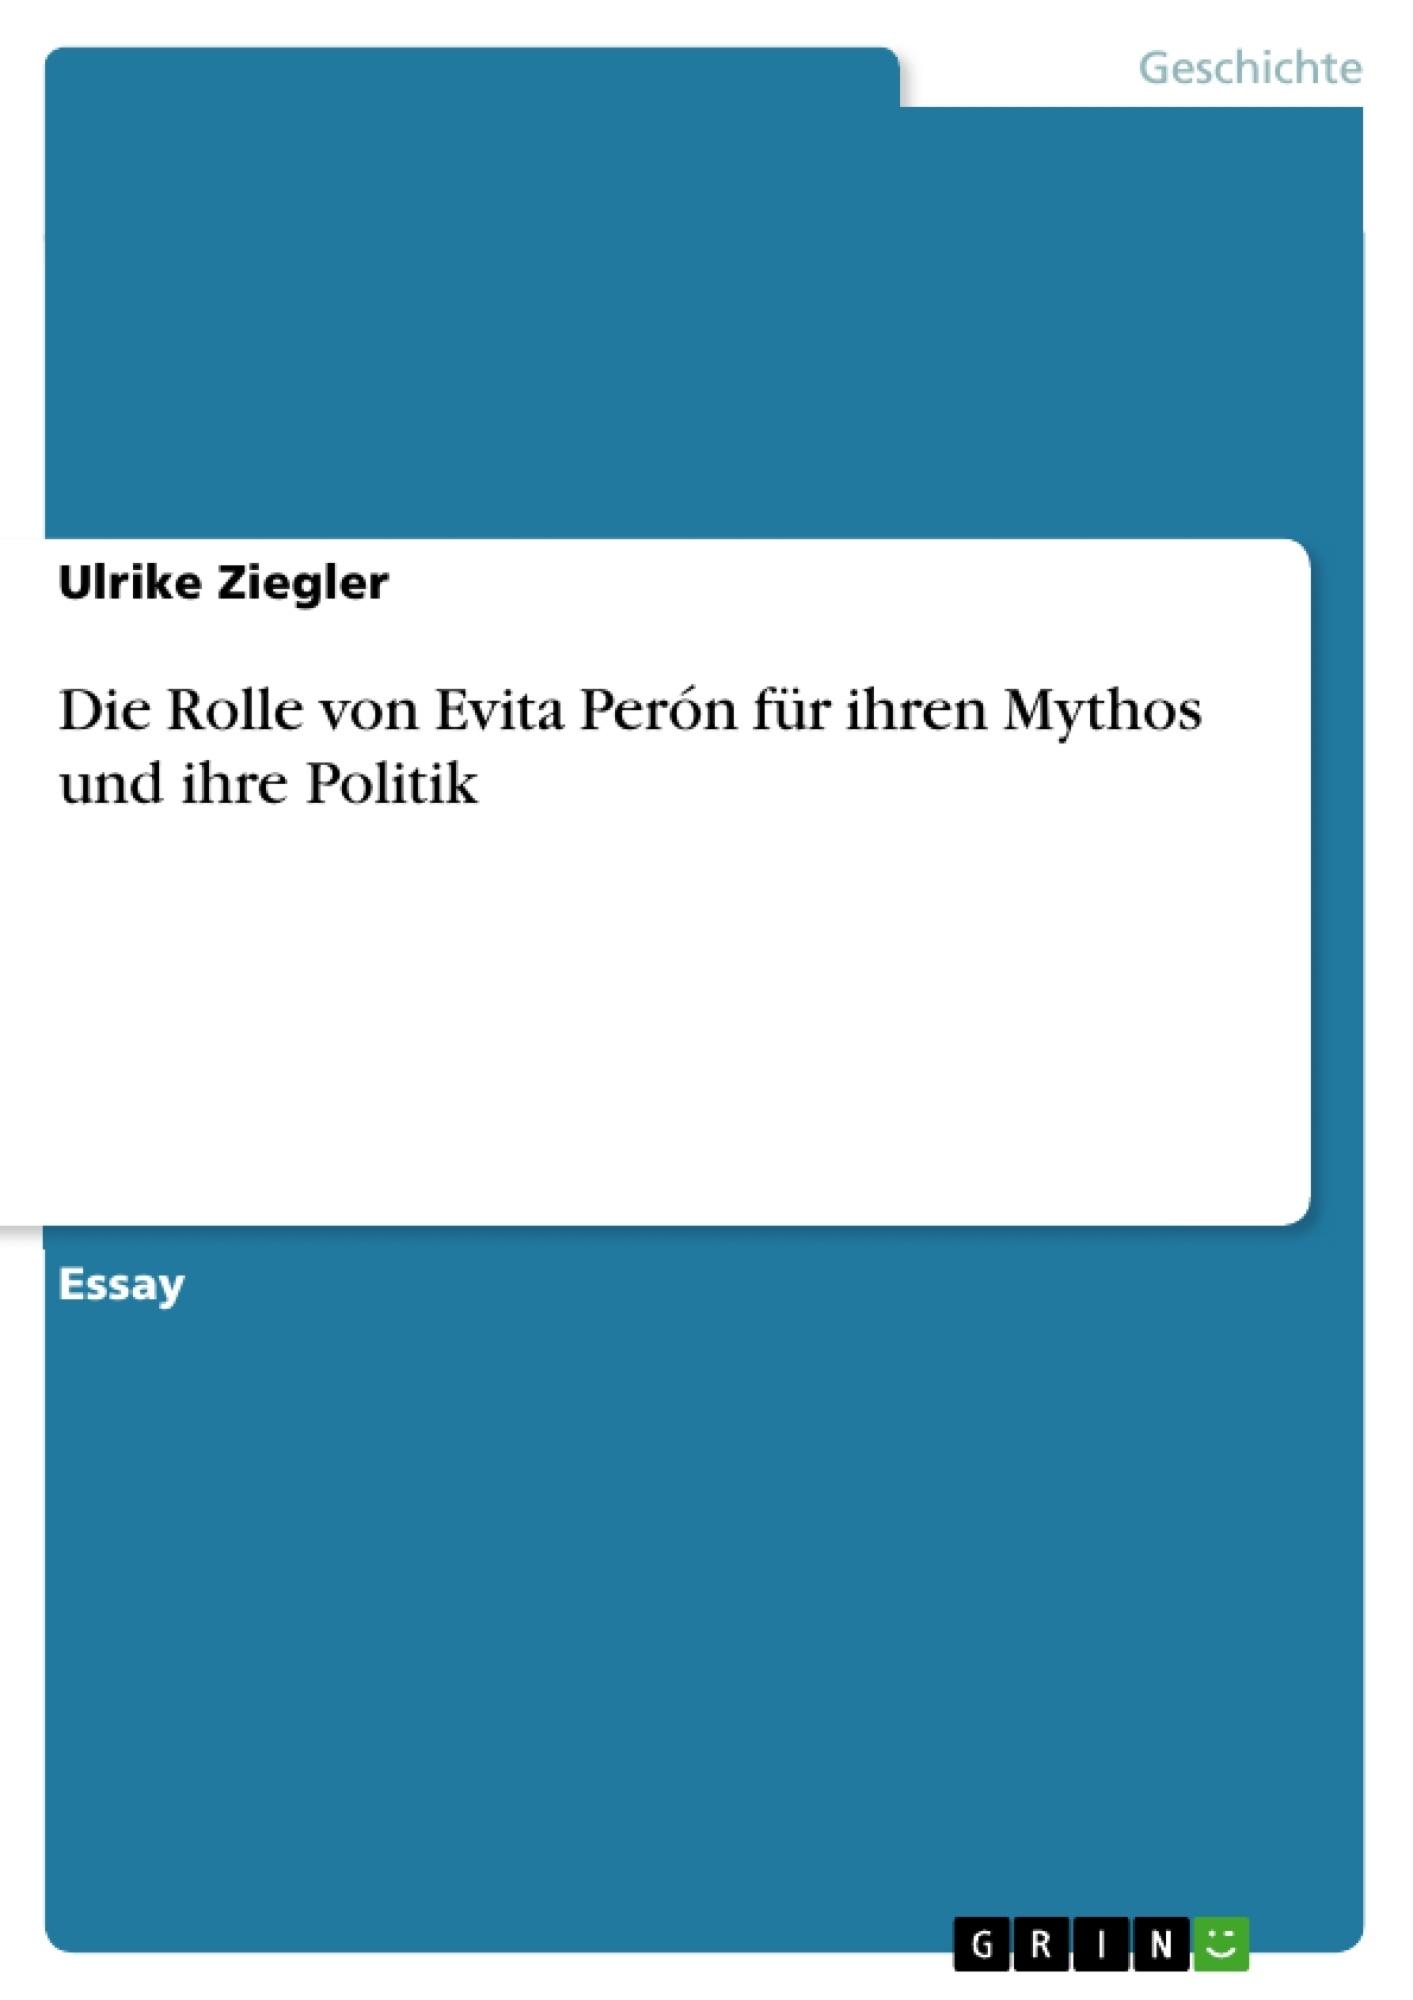 Titel: Die Rolle von Evita Perón für ihren Mythos und ihre Politik